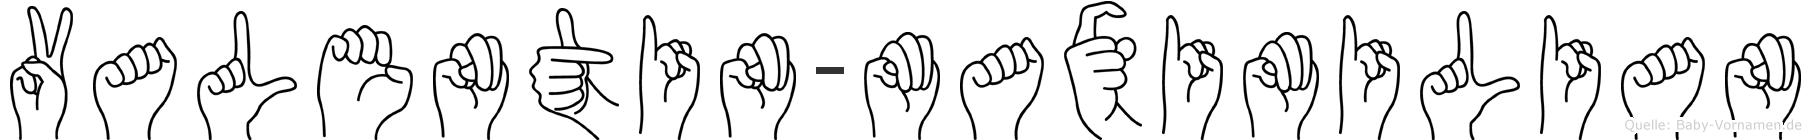 Valentin-Maximilian im Fingeralphabet der Deutschen Gebärdensprache